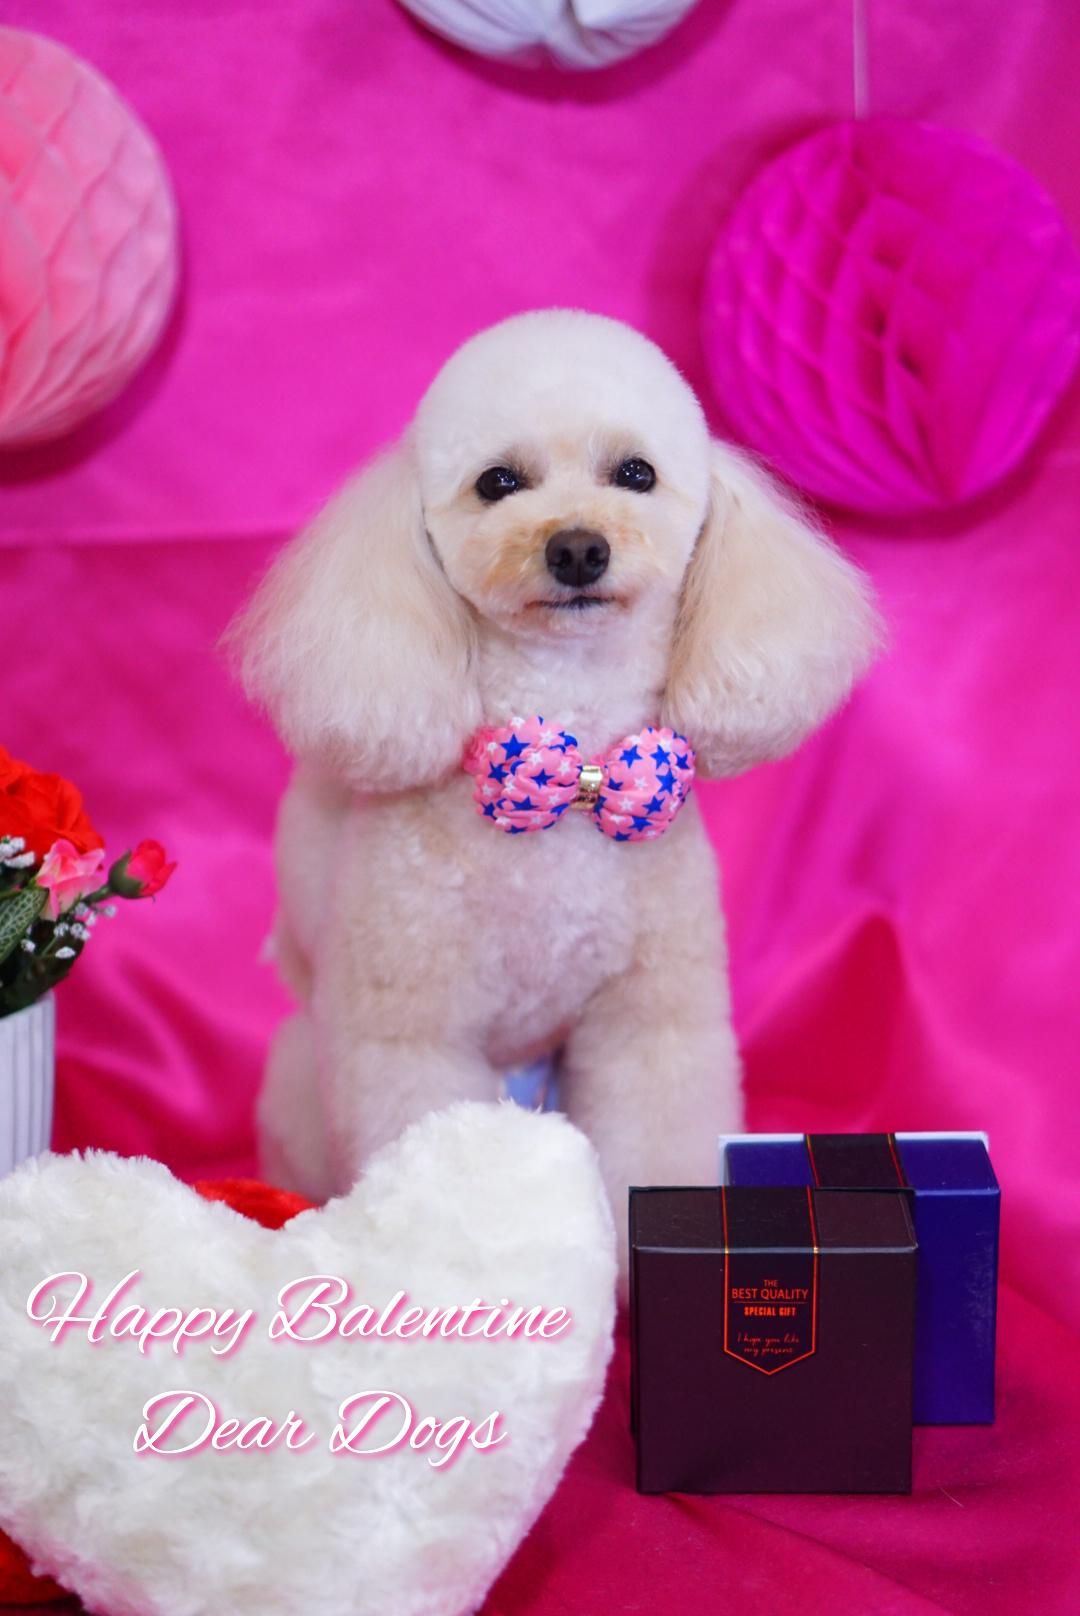 トイプードルのテディベアカット☆大田区「洗足池 石川台 久が原 」ペットトリミングサロンDEAR DOGS